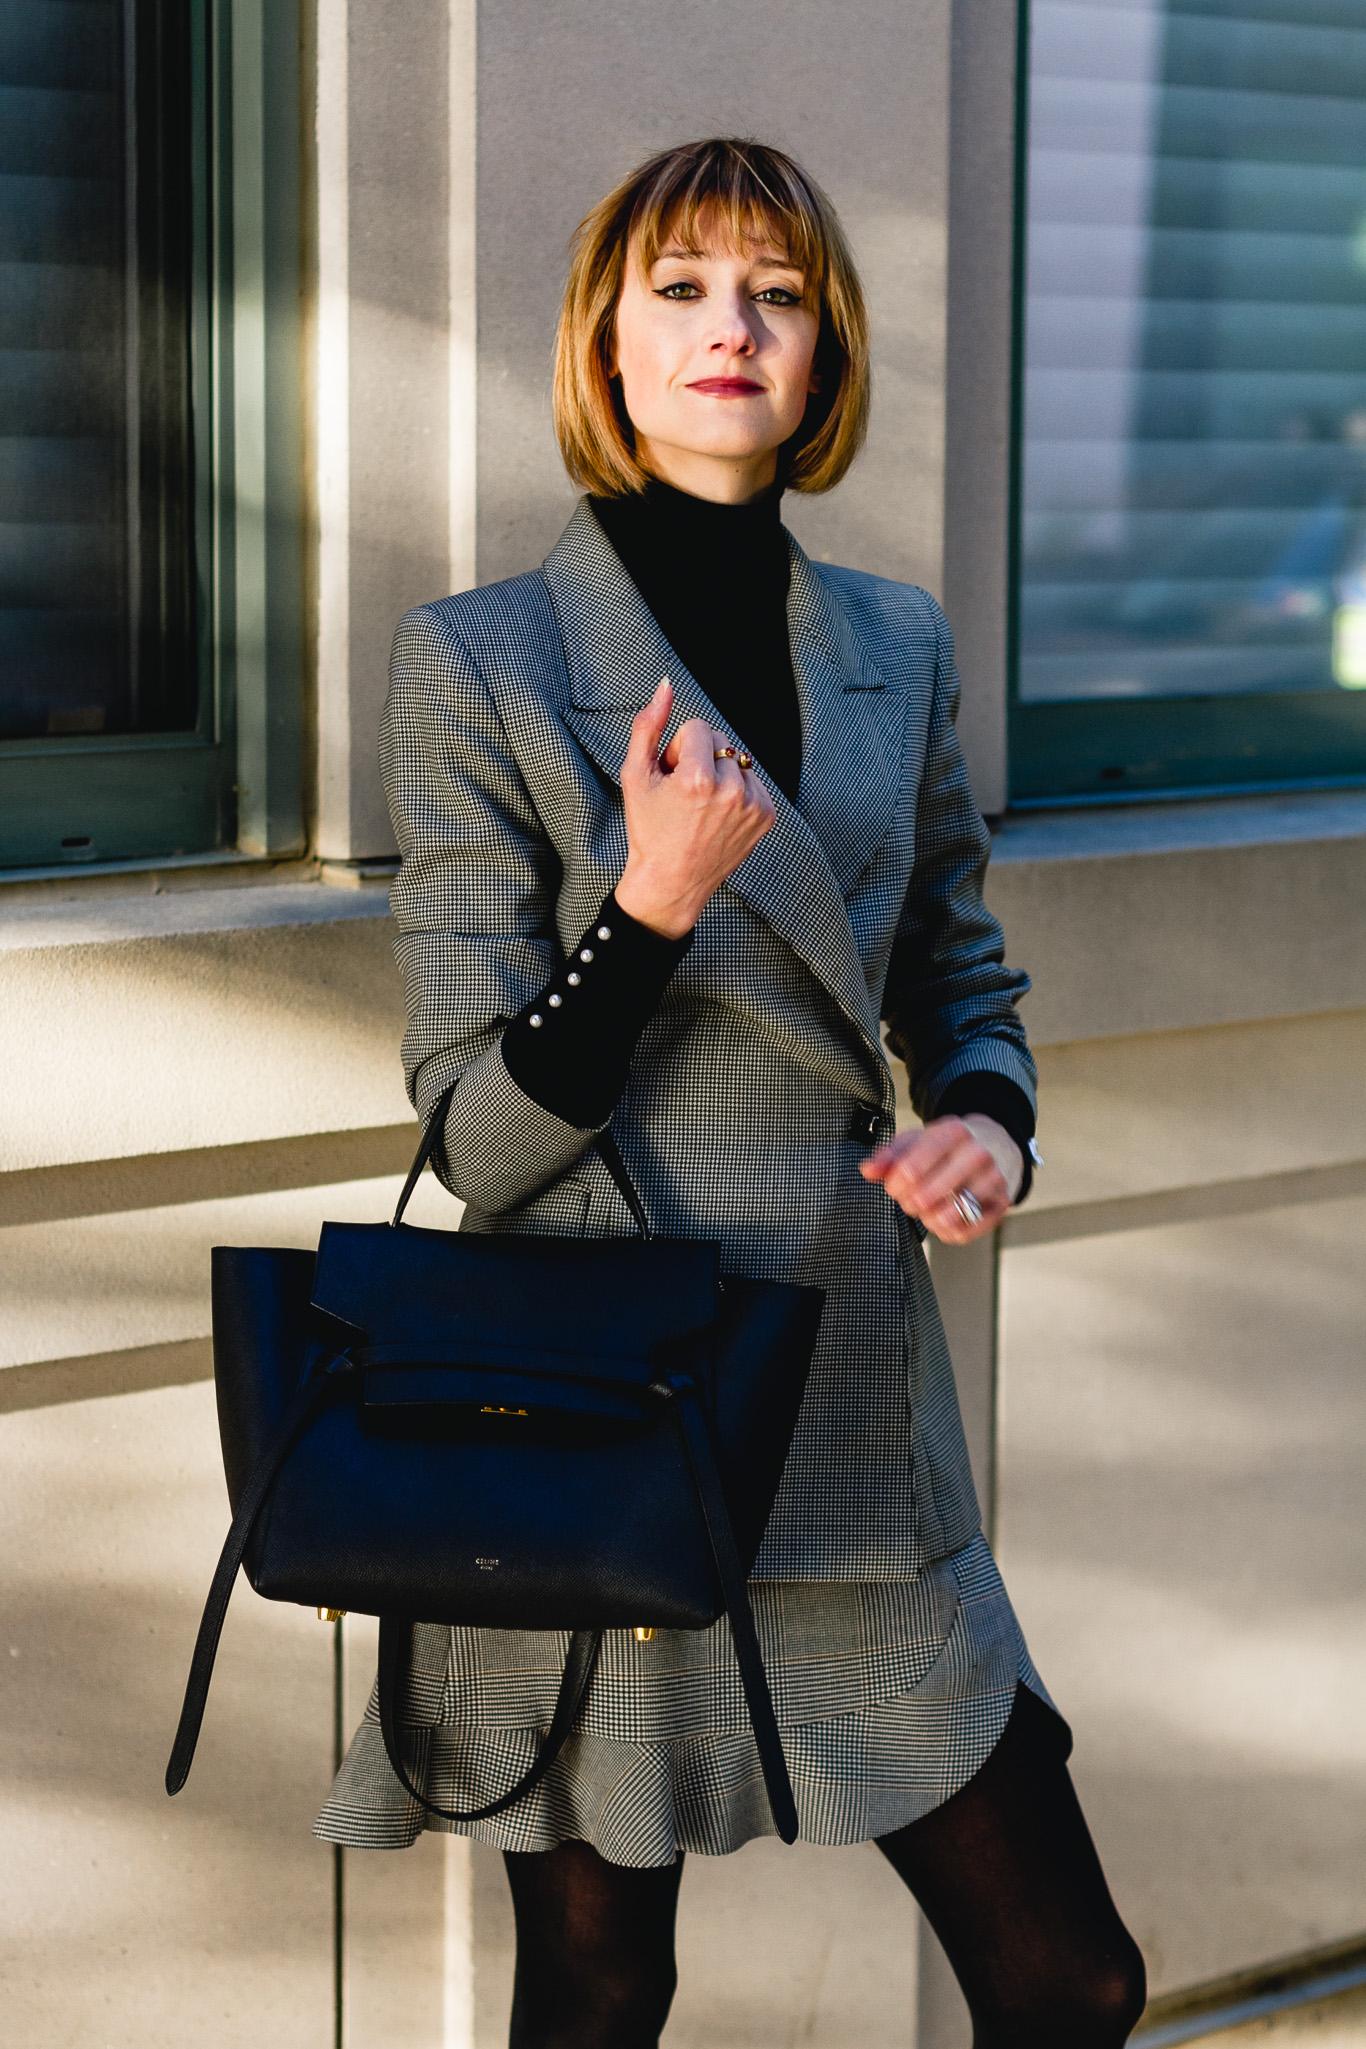 vintage blazer, Zara plaid skirt, and Celine bag